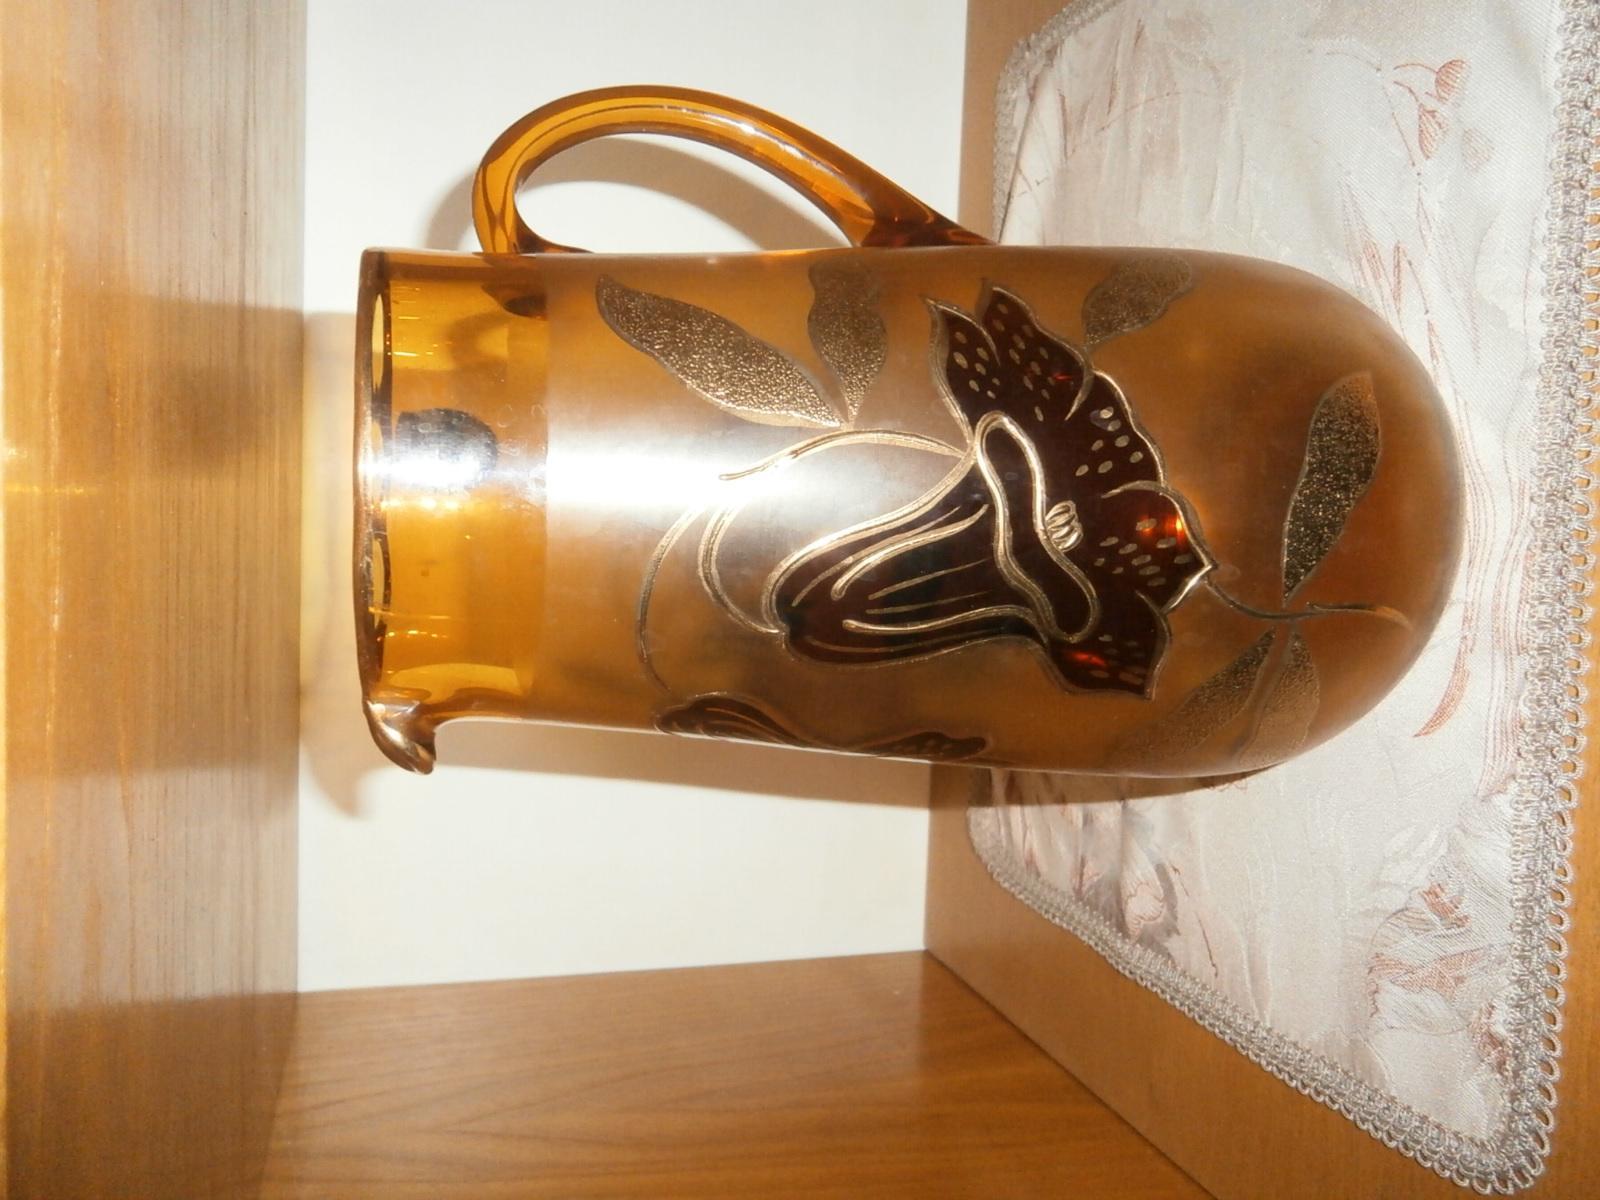 Souprava ze skla jantarové barvy  - Obrázek č. 2